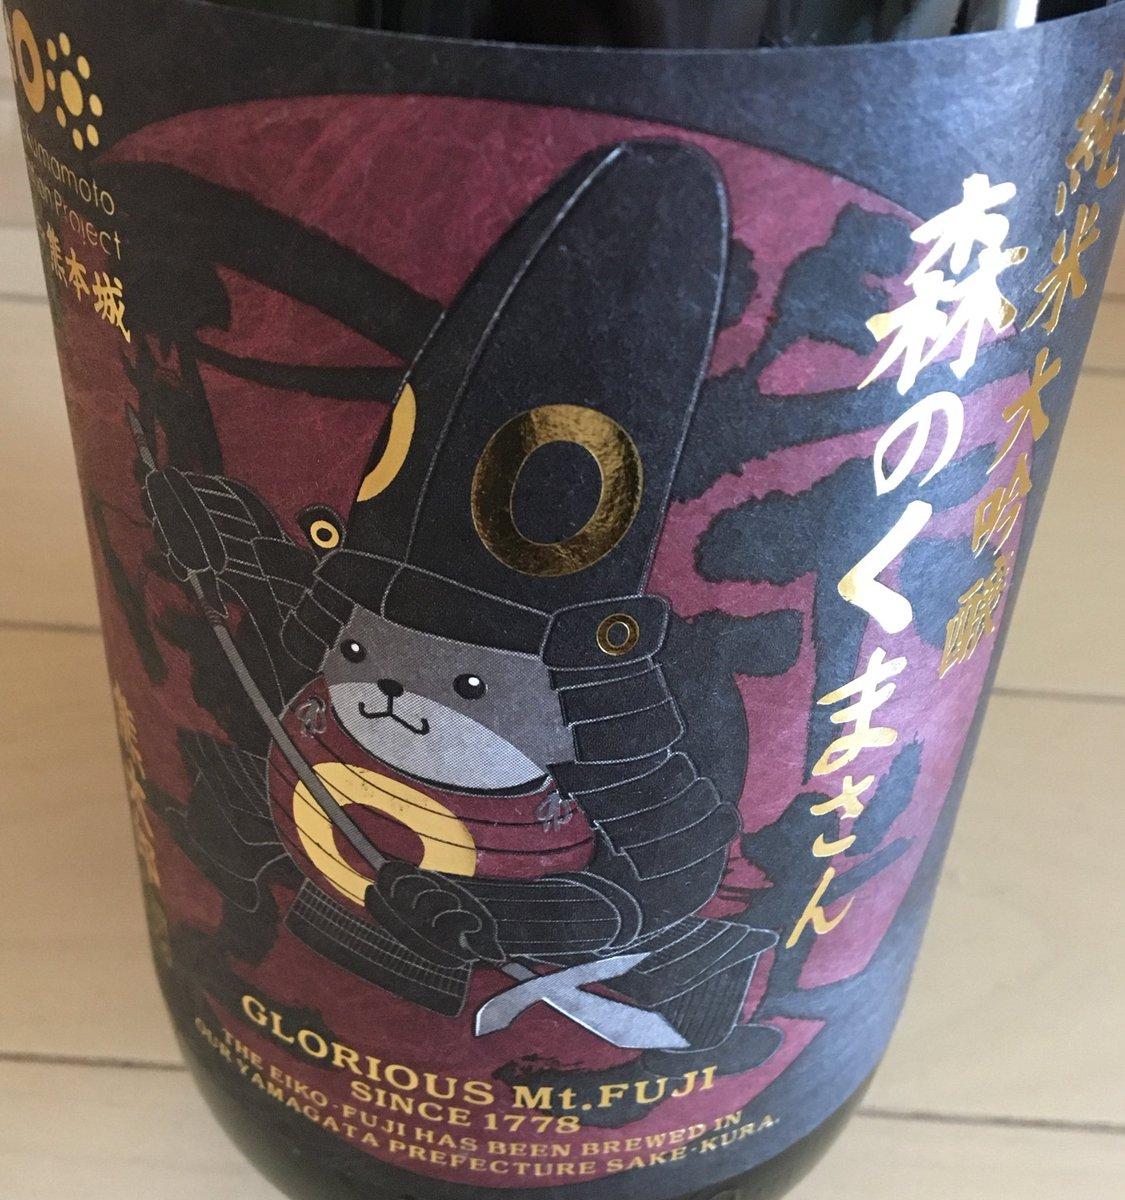 test ツイッターメディア - 栄光冨士の森のくまさん。日本酒初心者でもスイスイ飲めそうな印象。最初は東北の酒にある甘い味わいだが、スッキリした後味。とっても美味しい! https://t.co/uHvDTTDS8n